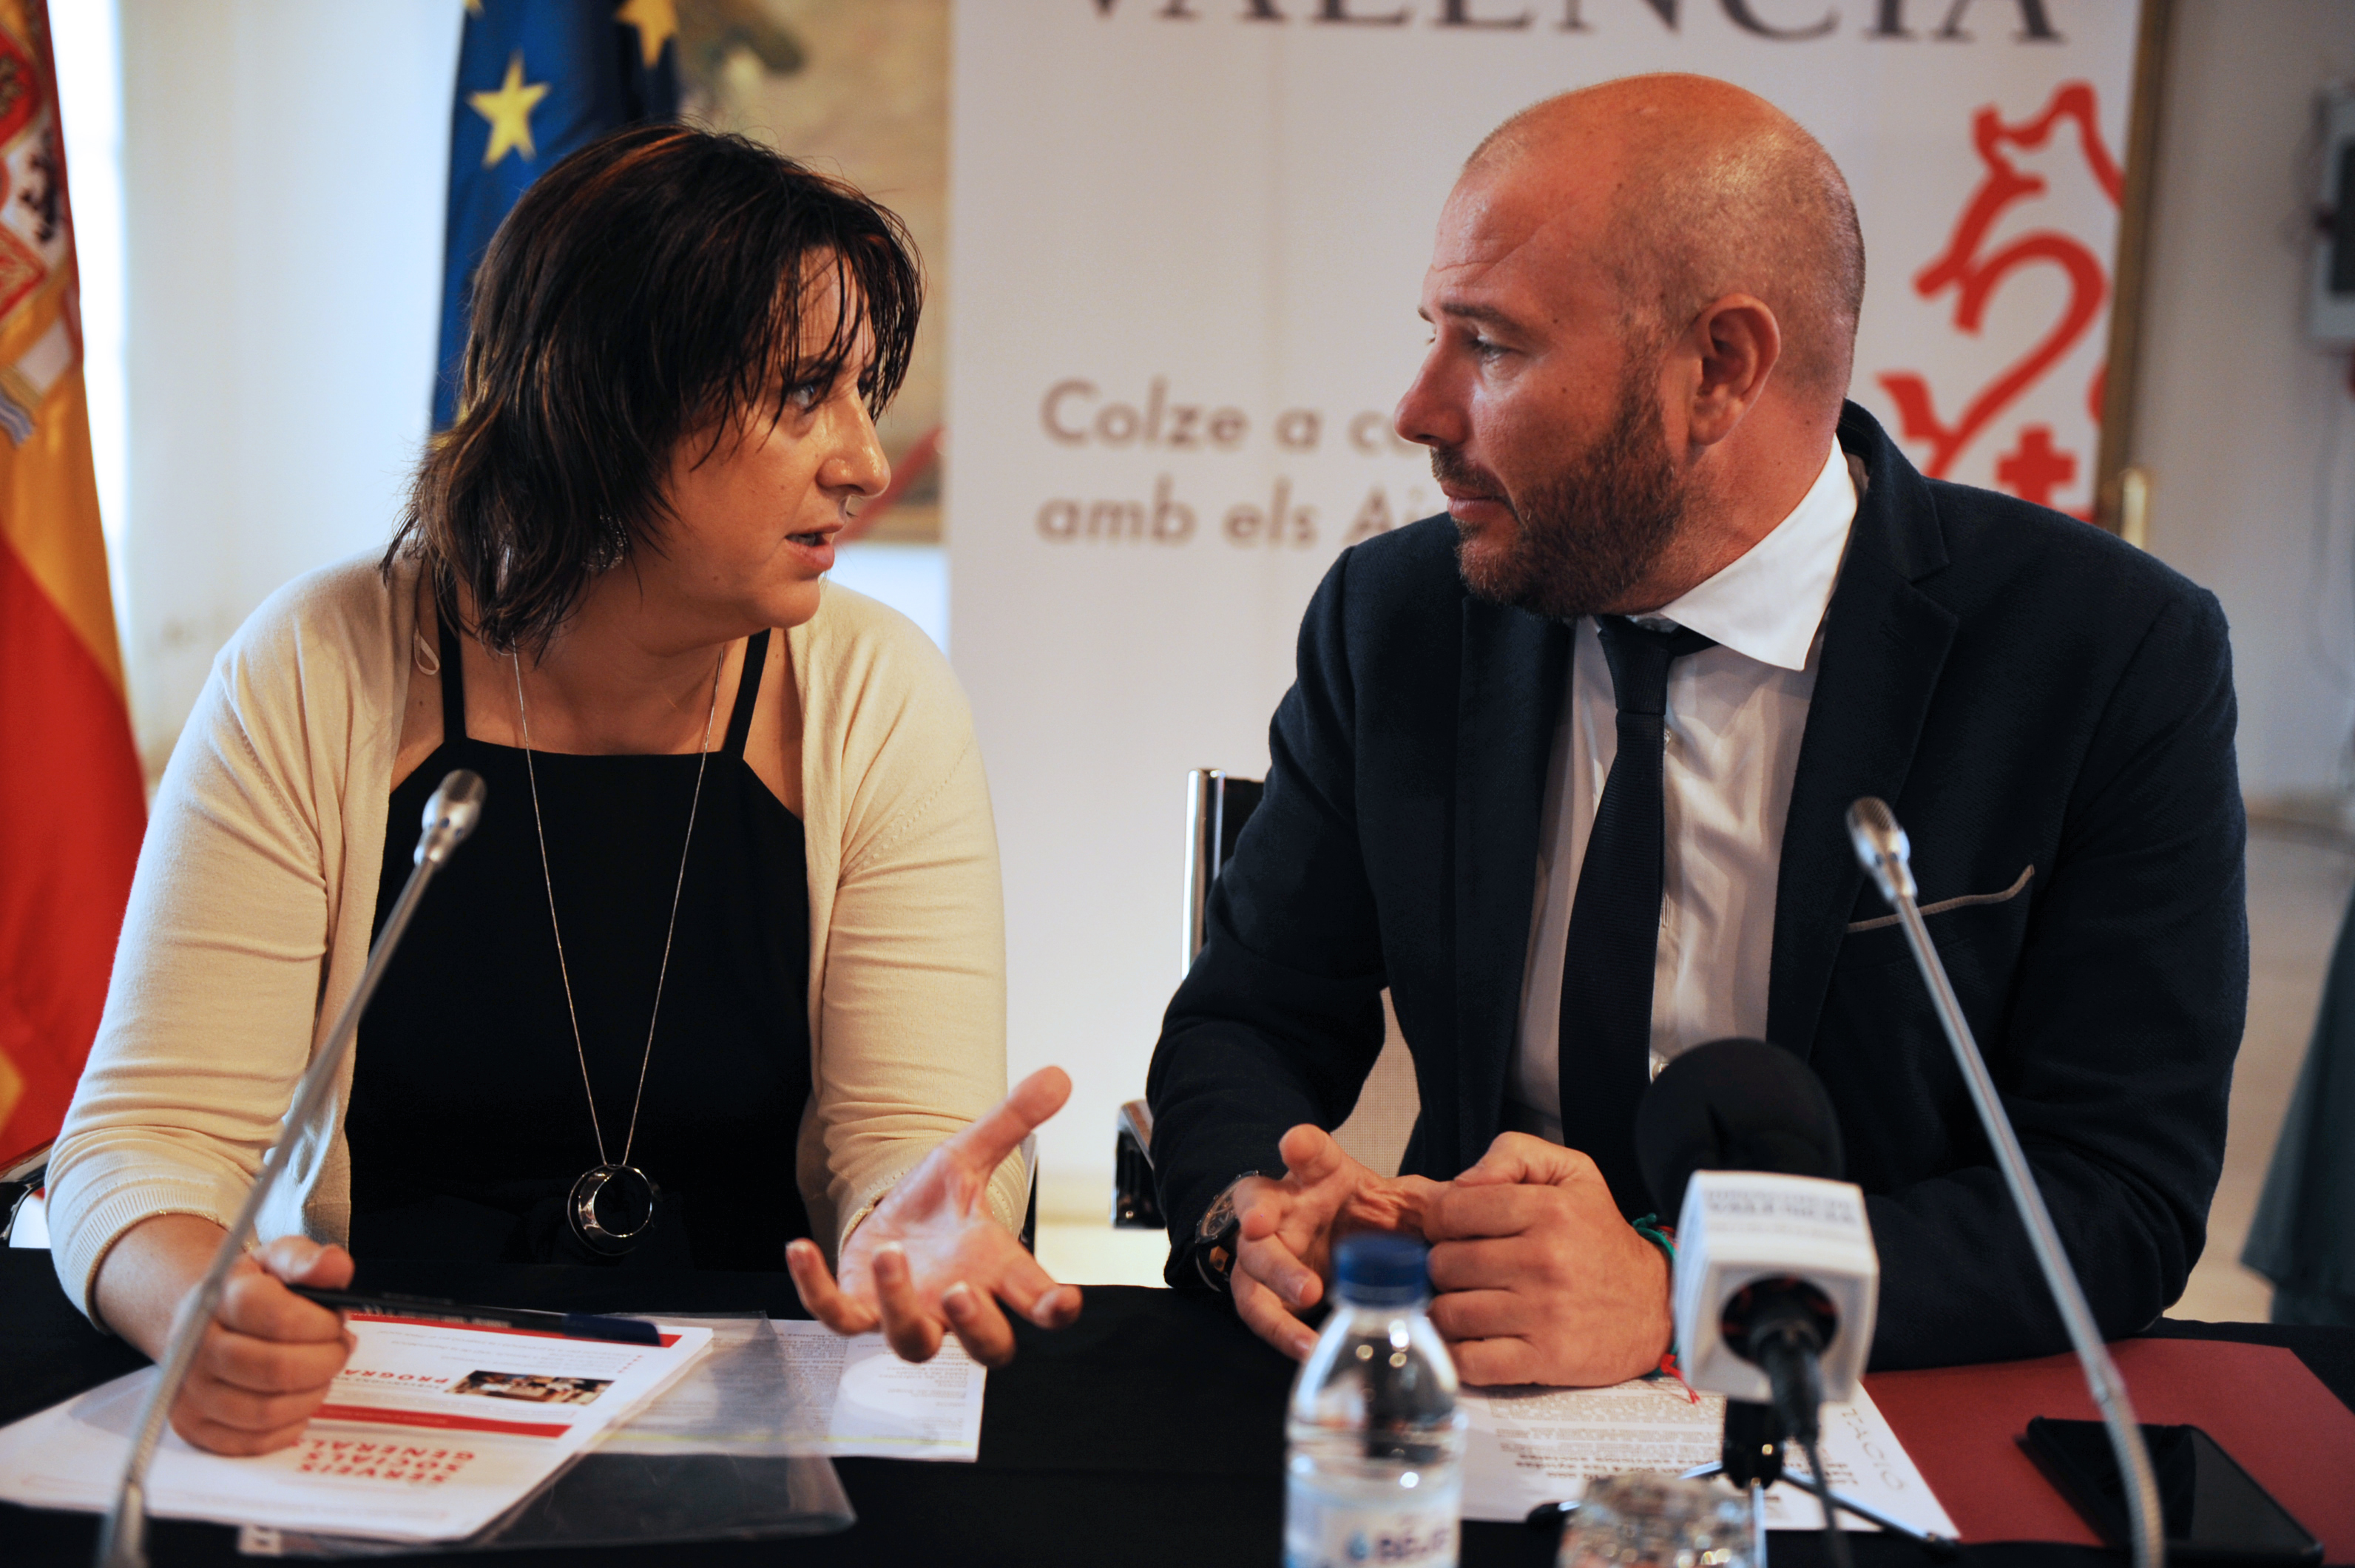 Desde 2015 esta comarca ha aumentado sus ingresos en un 254,34% gracias a este programa social.